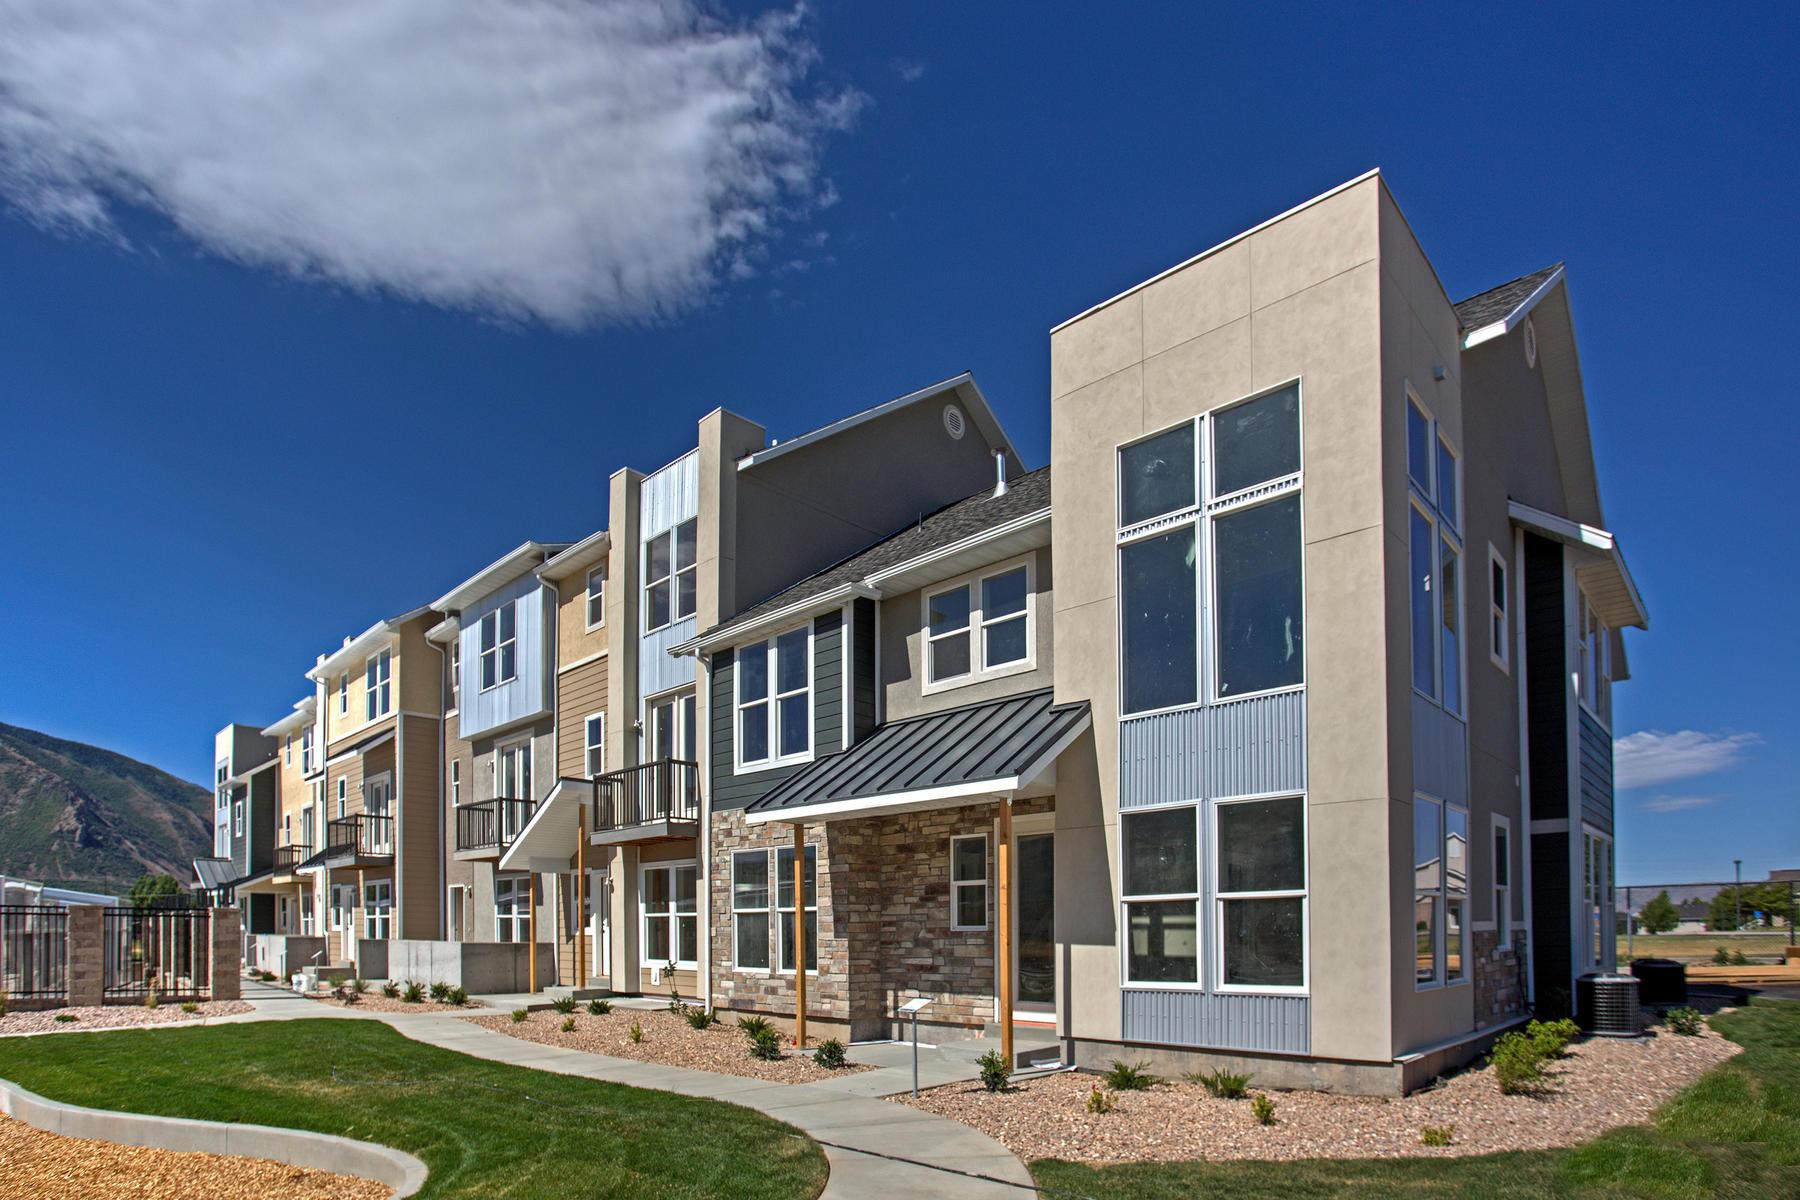 联栋屋 为 销售 在 4 Bedroom Hampton Floorplan in The Ridge at Spanish Fork 2574 E High Ridge Rd Spanish Fork, 犹他州, 84660 美国